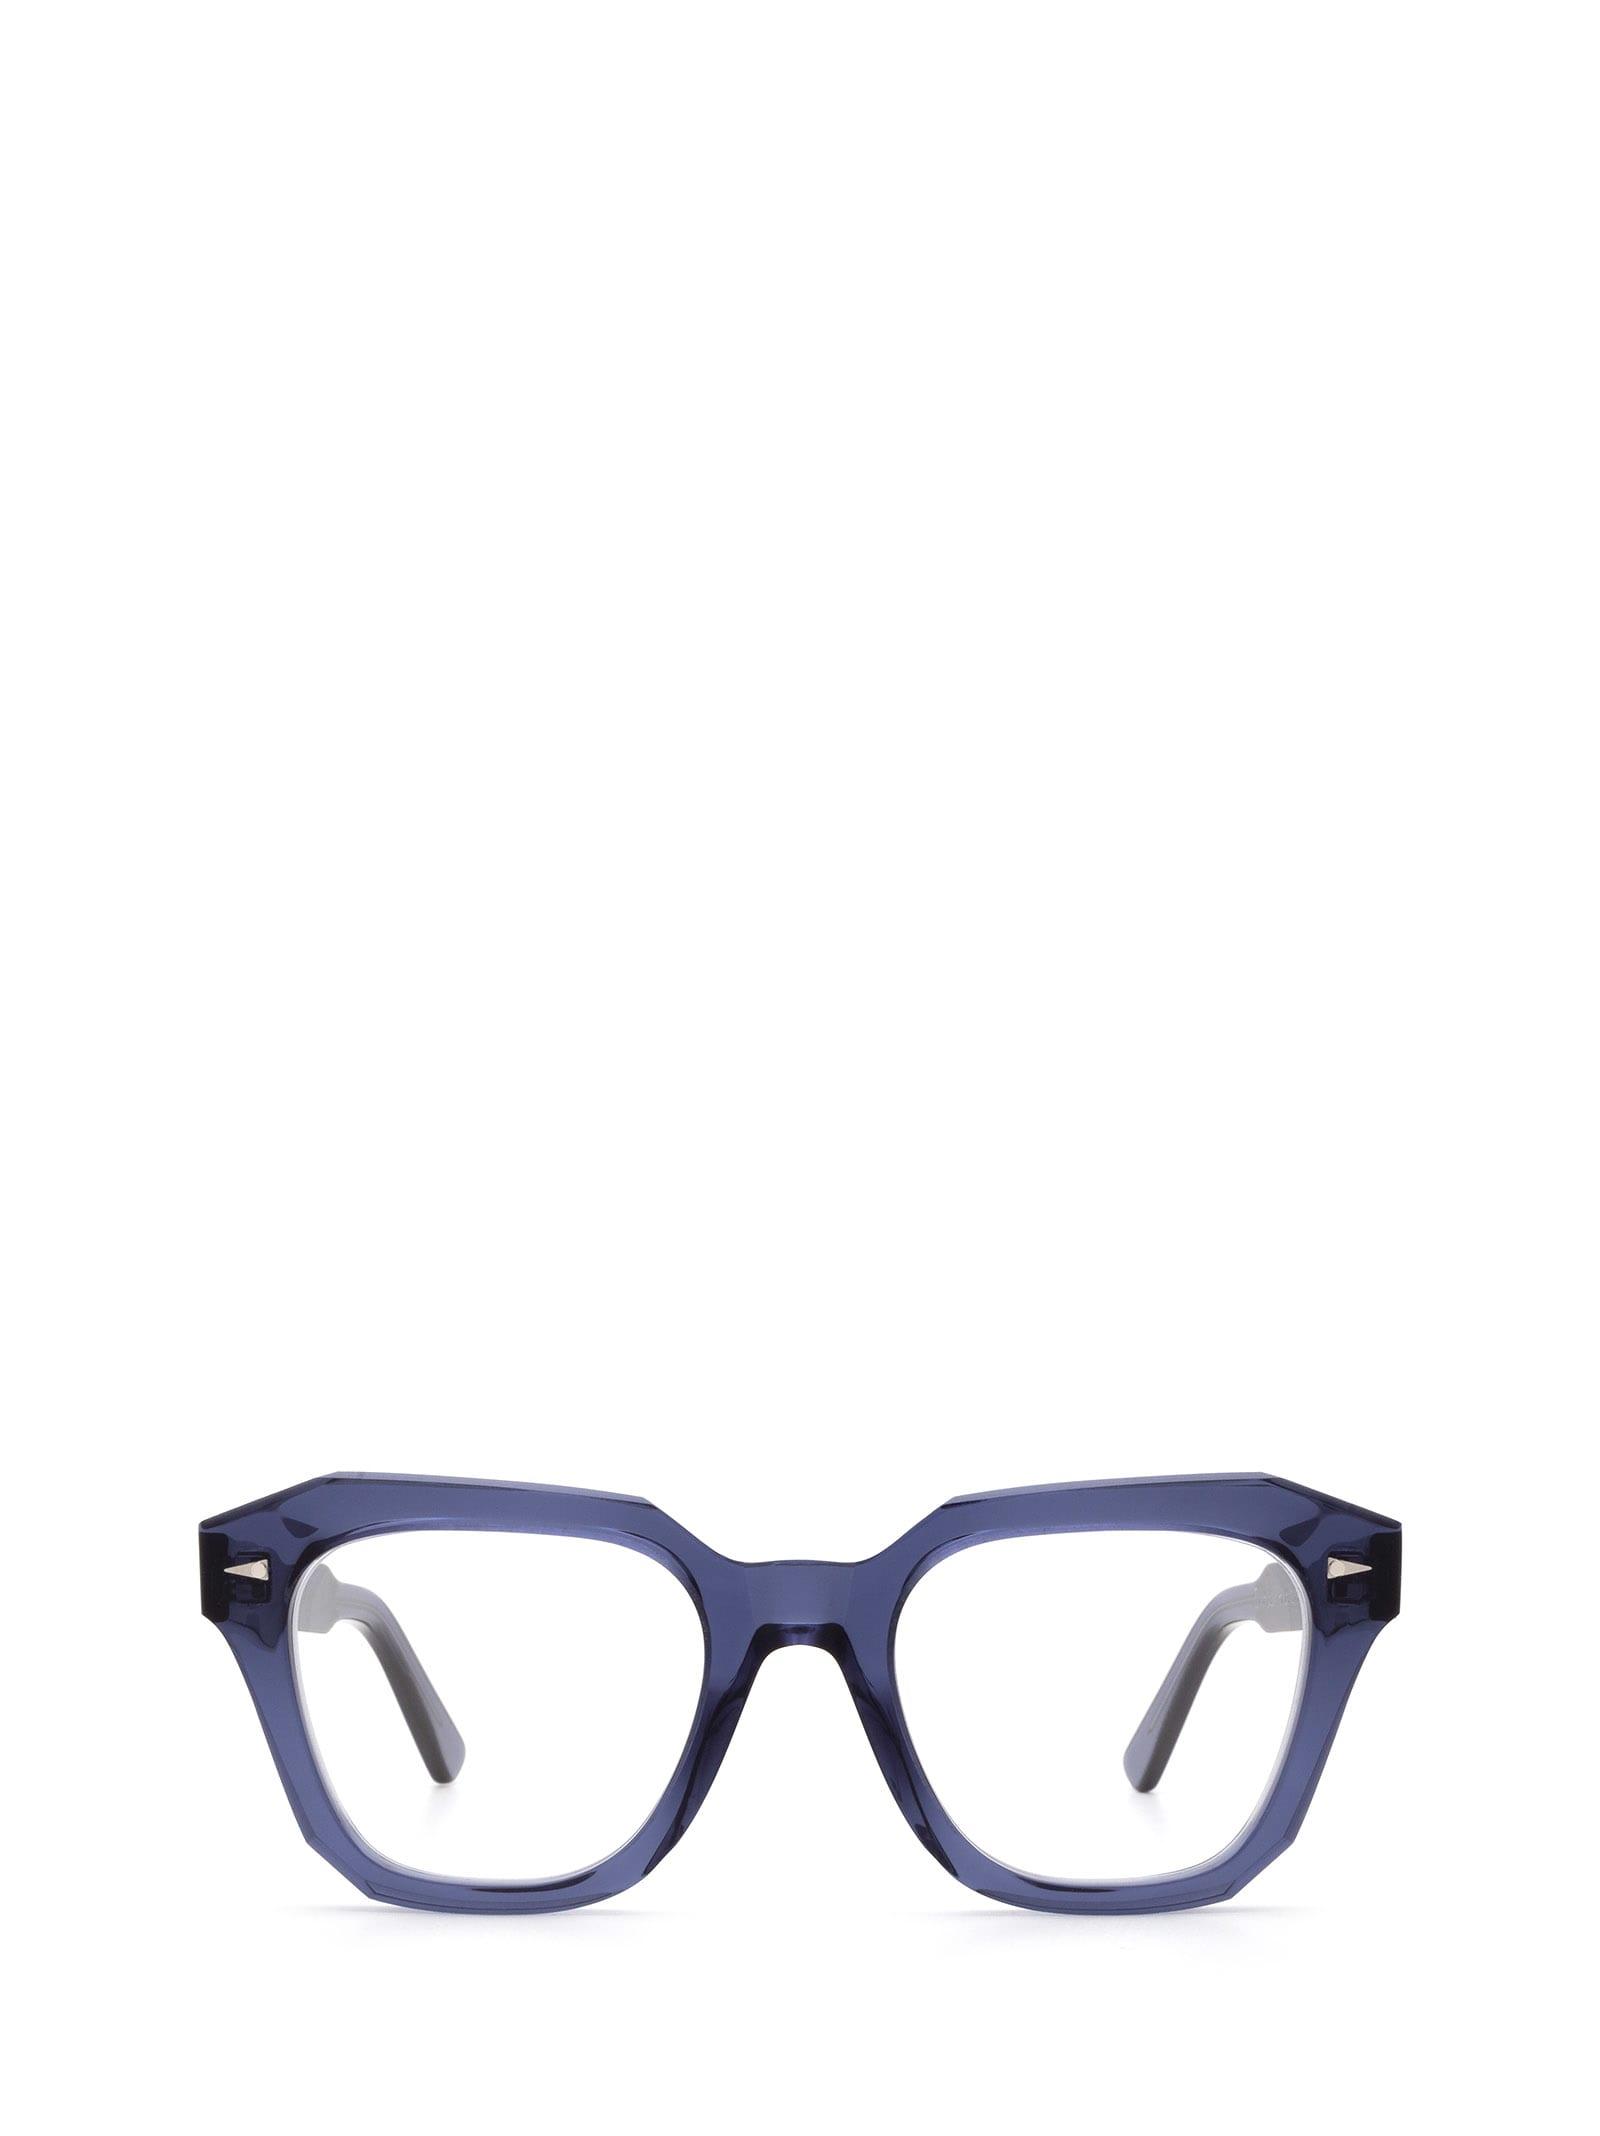 AHLEM Ahlem Pont Des Arts Optic Raw 8mm Blue Glasses